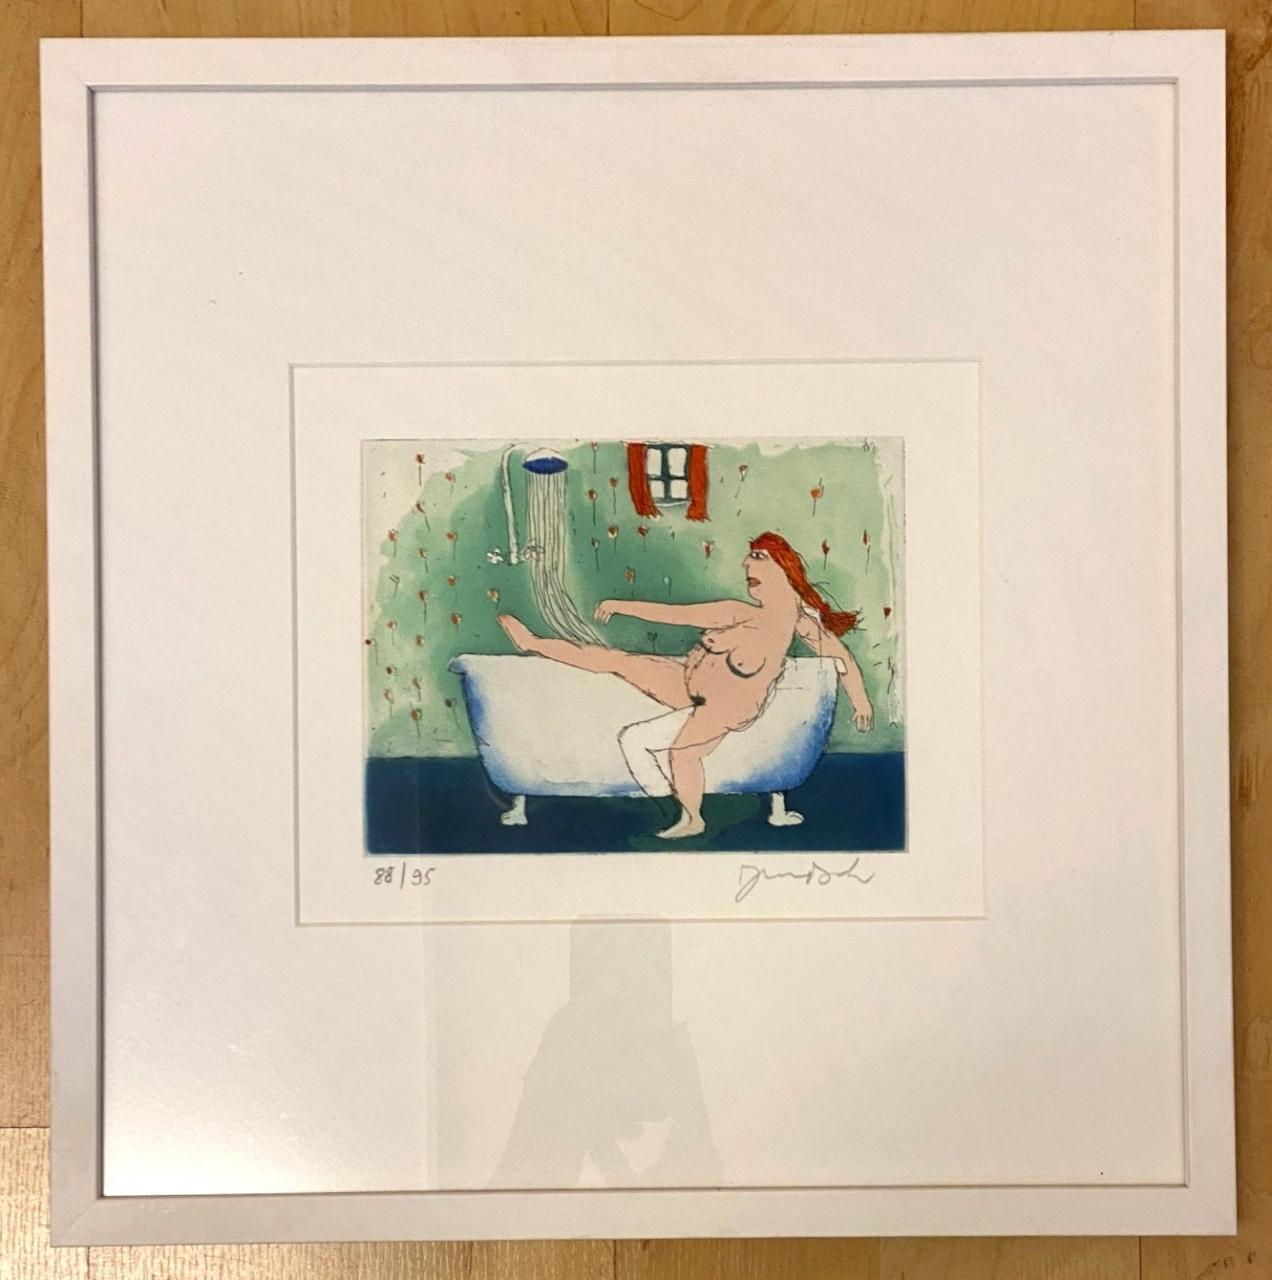 Susanne steigt allein ins Bad, im Ausstellungsrahmen